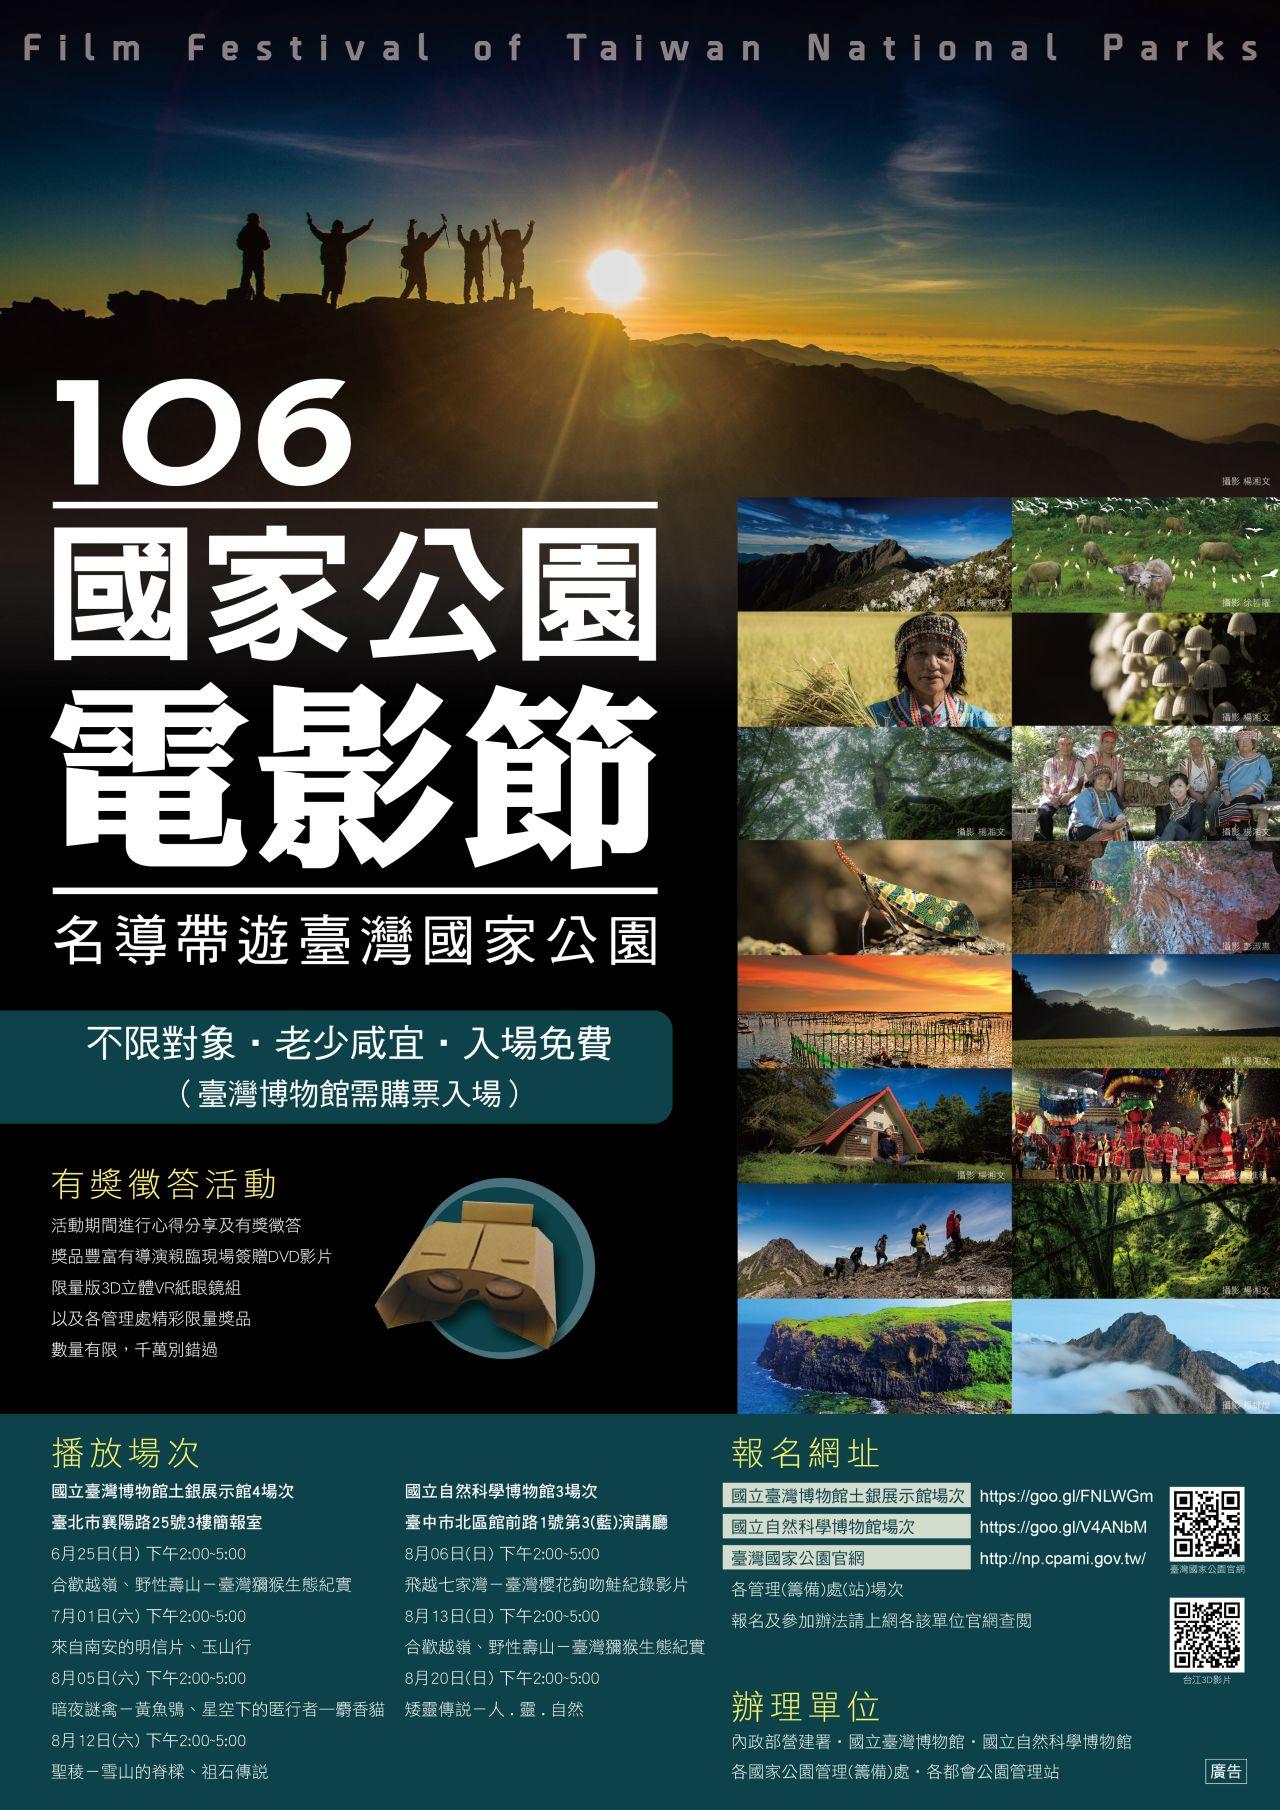 106 國家公園電影節【臺博場】